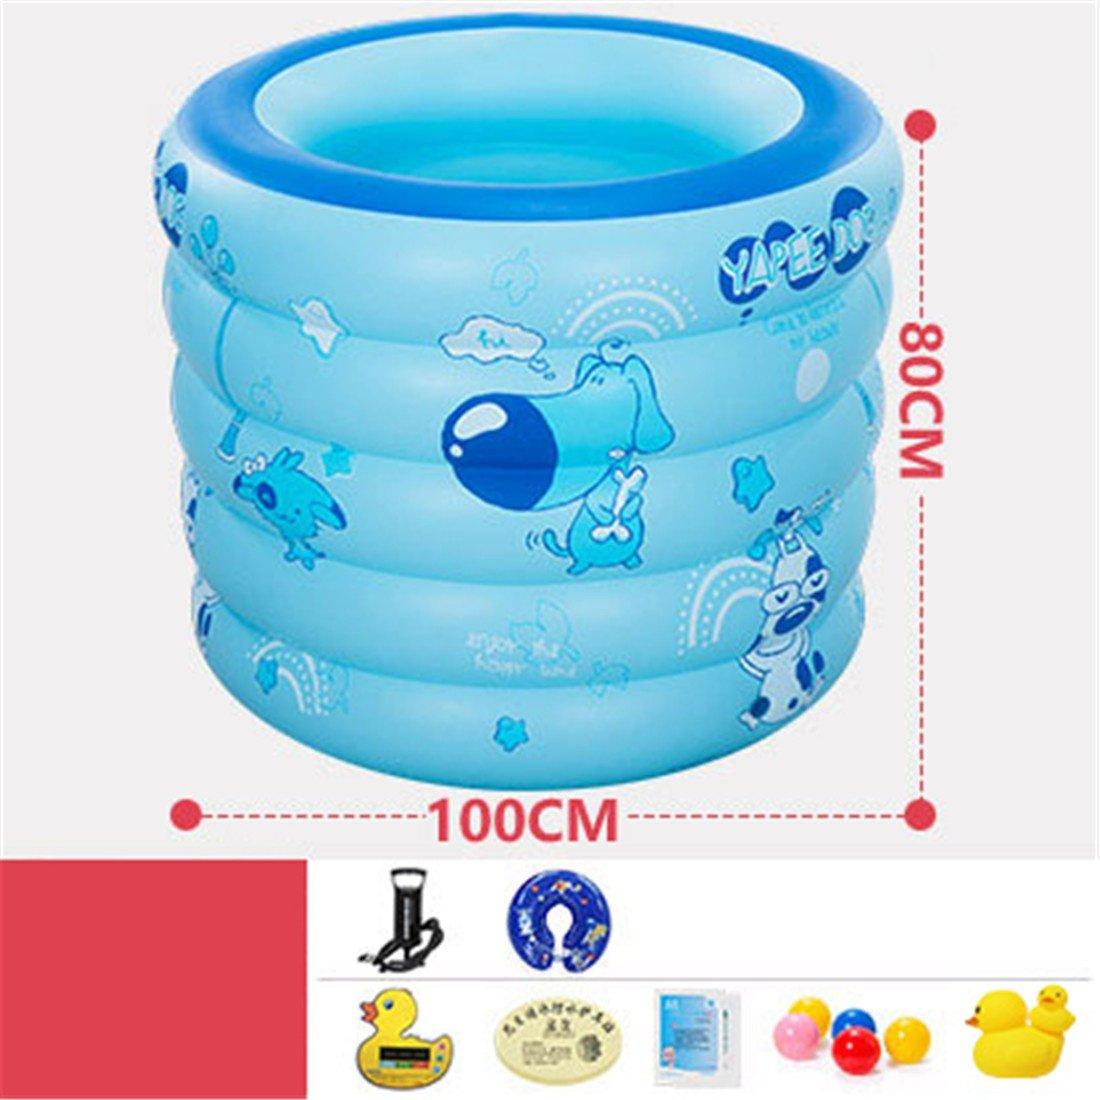 MIWENEspesar a los Niños de la Familia del PVC ecológicos Bañarse y Nadar Piscina Inflable Redonda Plegable del Juguete de la Piscina de la Bola de Piscina del bebé Azul 100  80cm para 0-3 Años